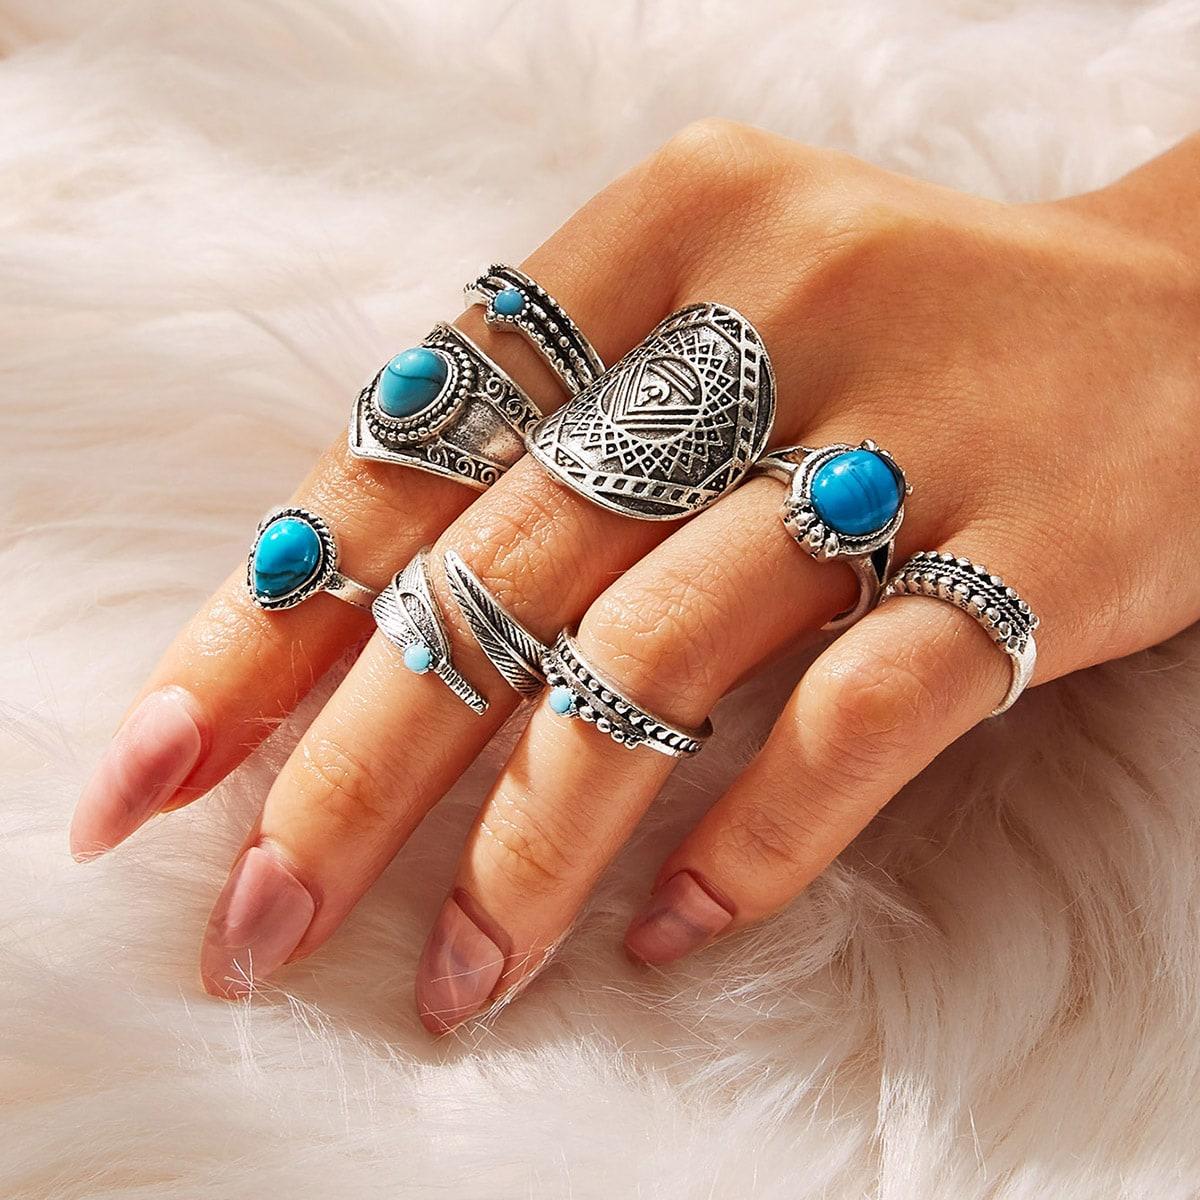 Фактурное кольцо с драгоценными камнями 8шт. от SHEIN